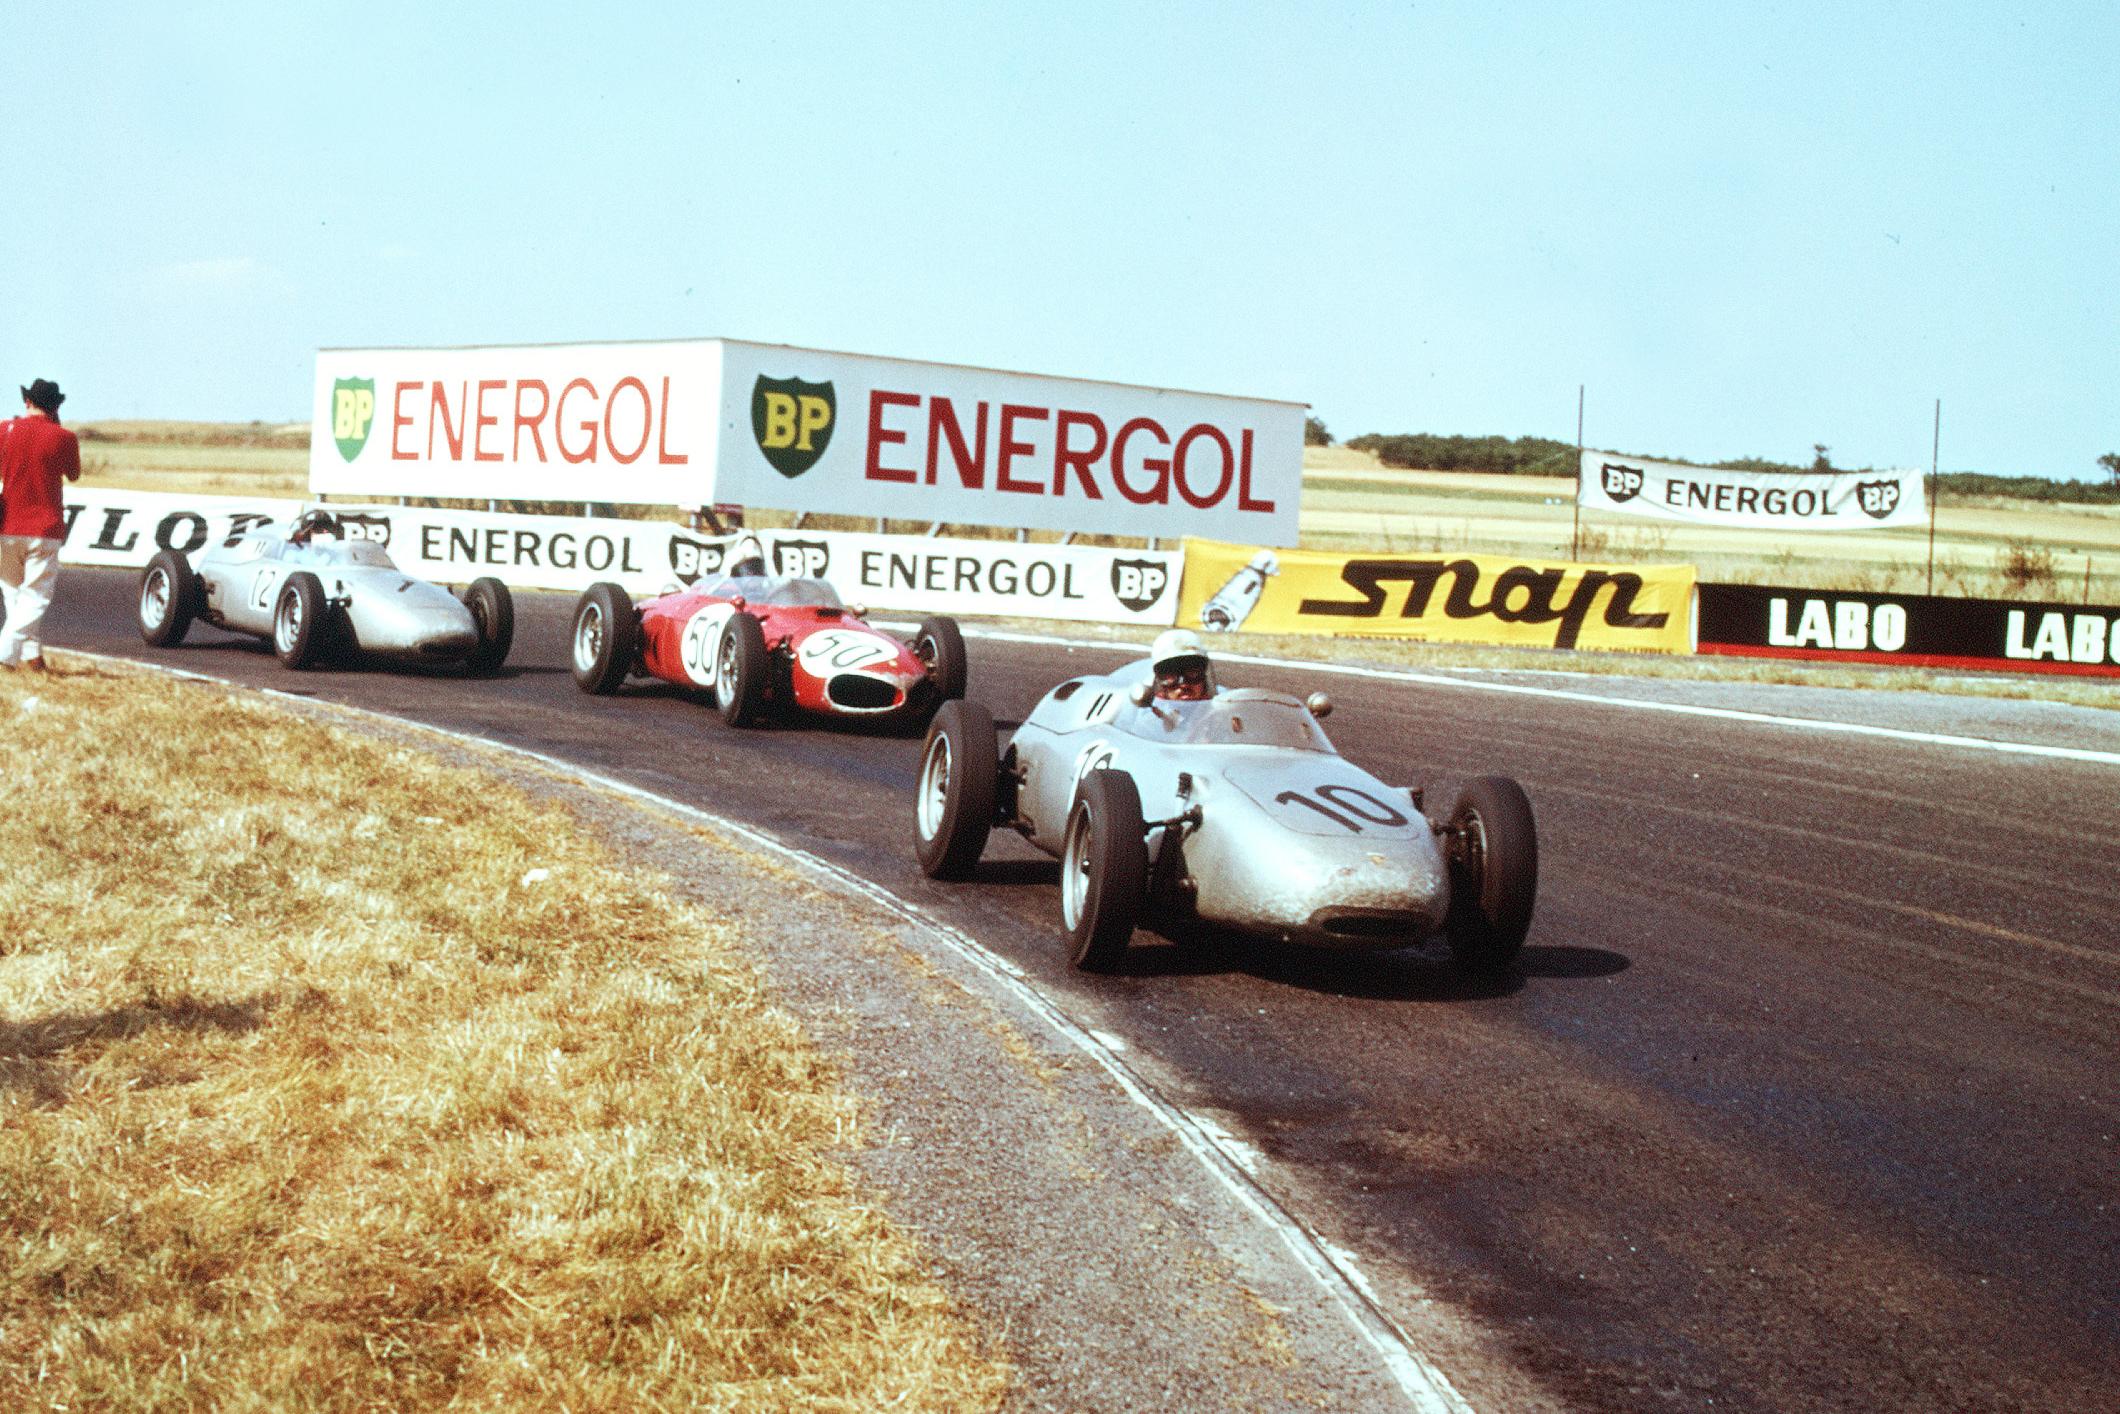 Jo Bonnier in a Porsche 718 leads Giancarlo Baghetti driving a Ferrari Dino 156 and Dan Gurney also in a Porsche 718.